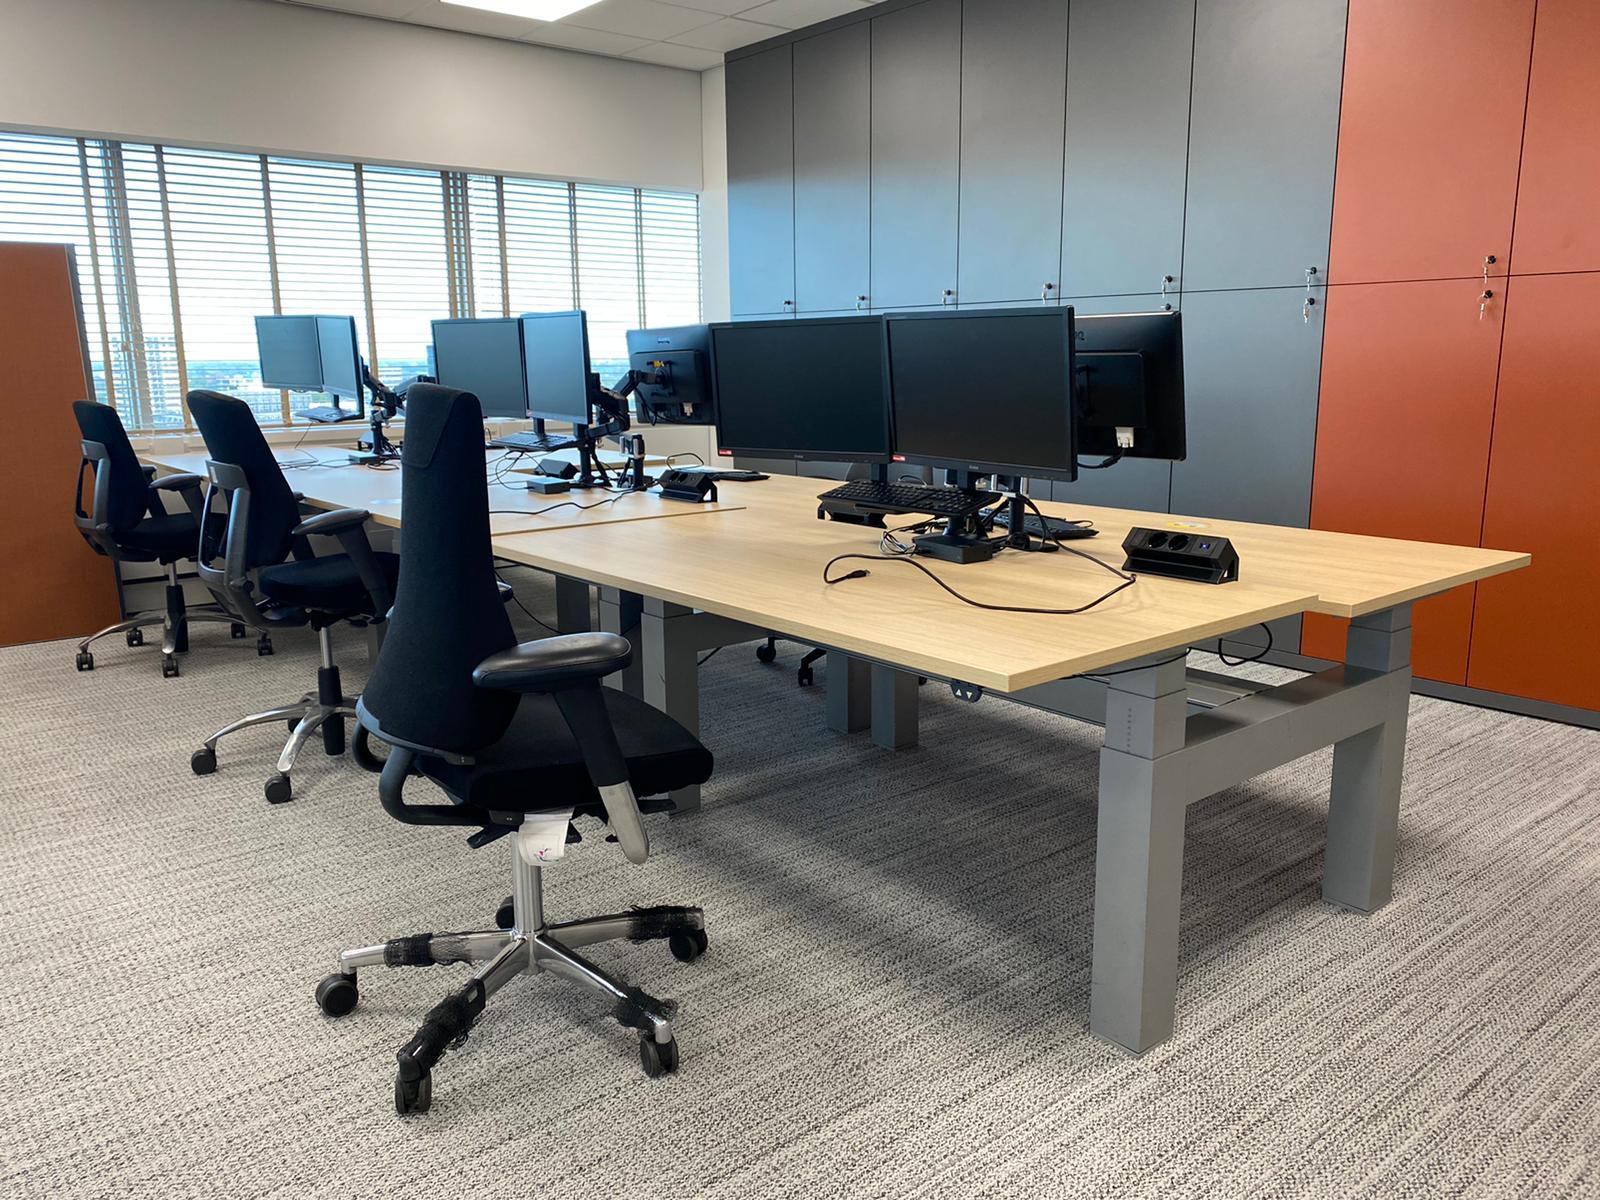 Sekondant - zit sta bureau - monitor arm 2 schermen - ergonomische bureau stoel - werkplek inrichting - elektrificatie - stroom - oplaad punt